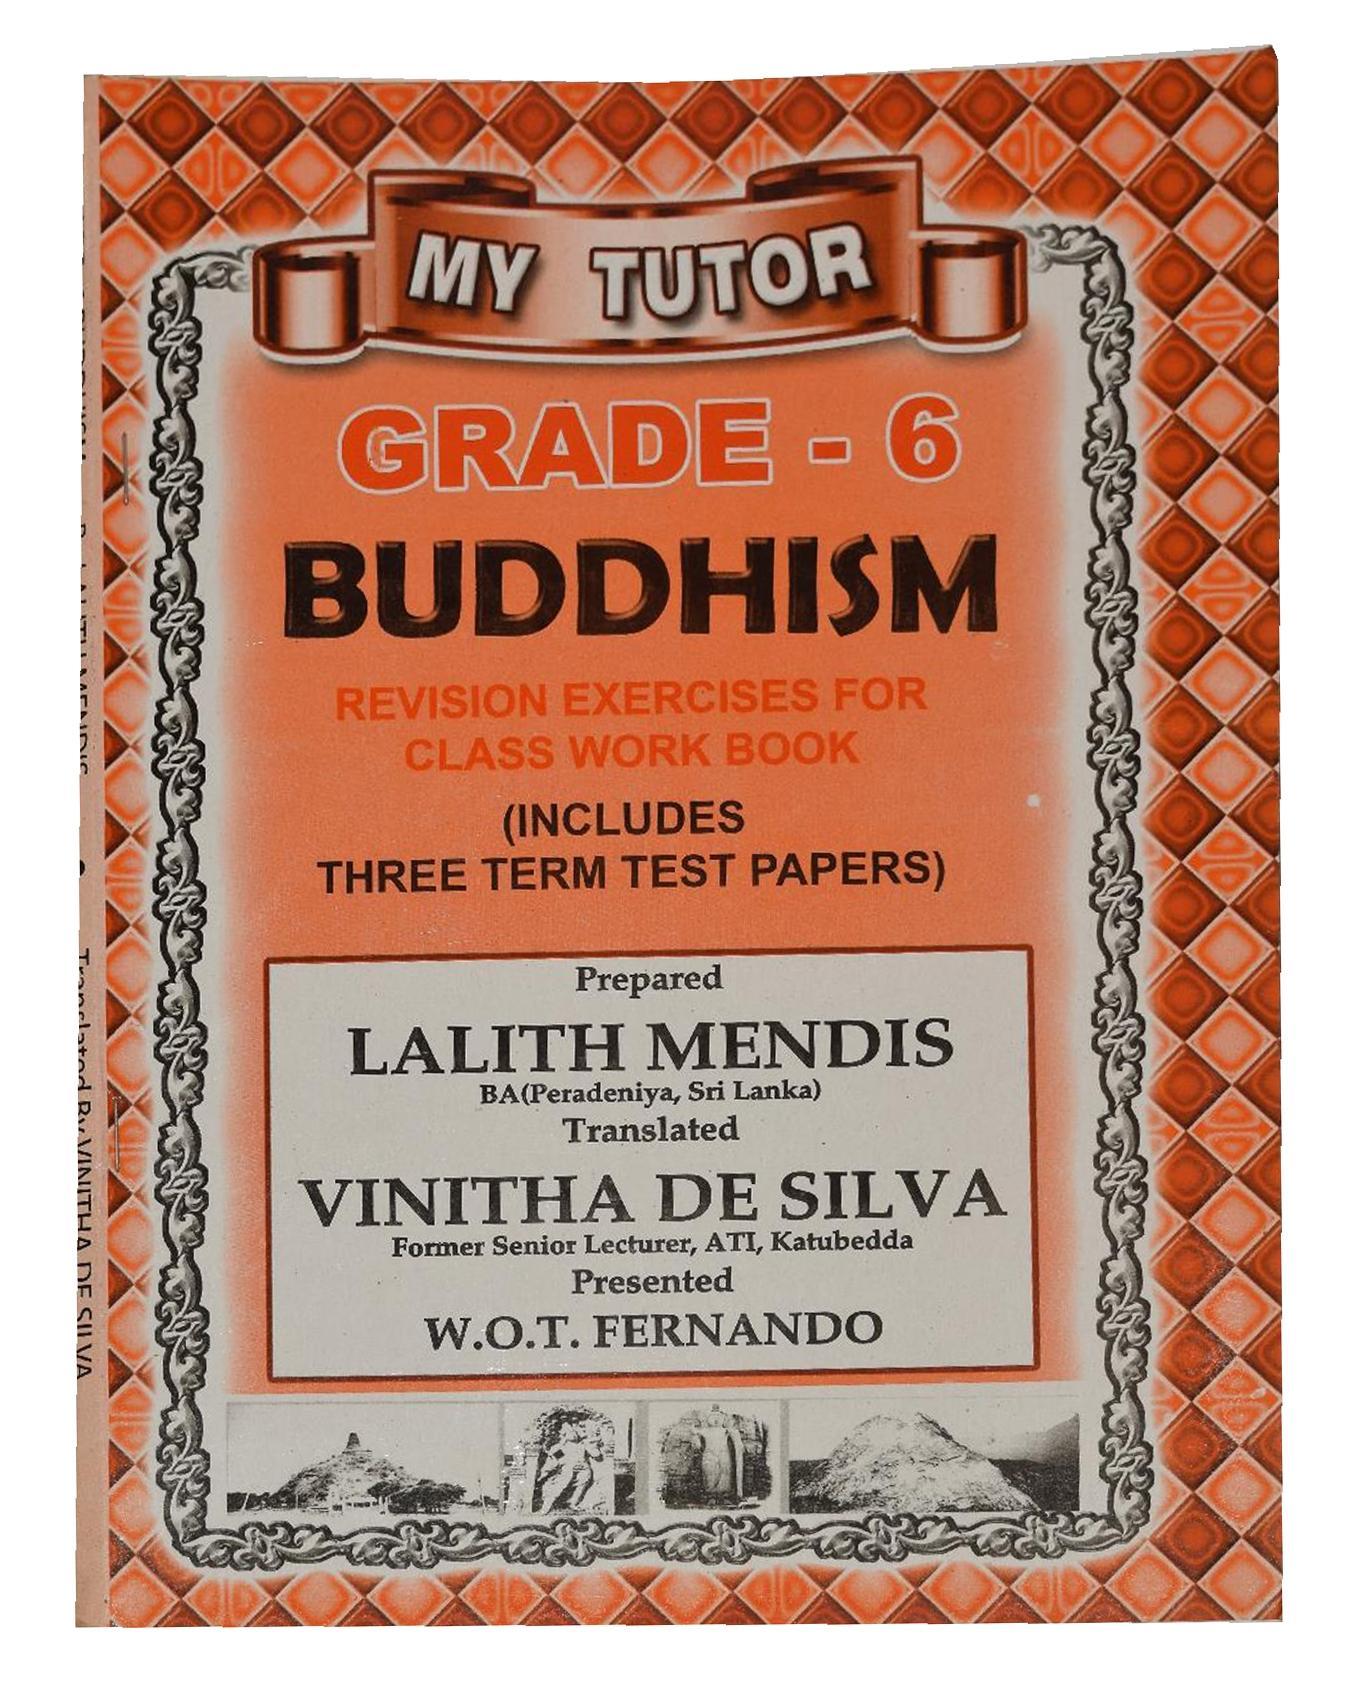 Buddhism Revision Book For Grade 6 - Sinhala Medium